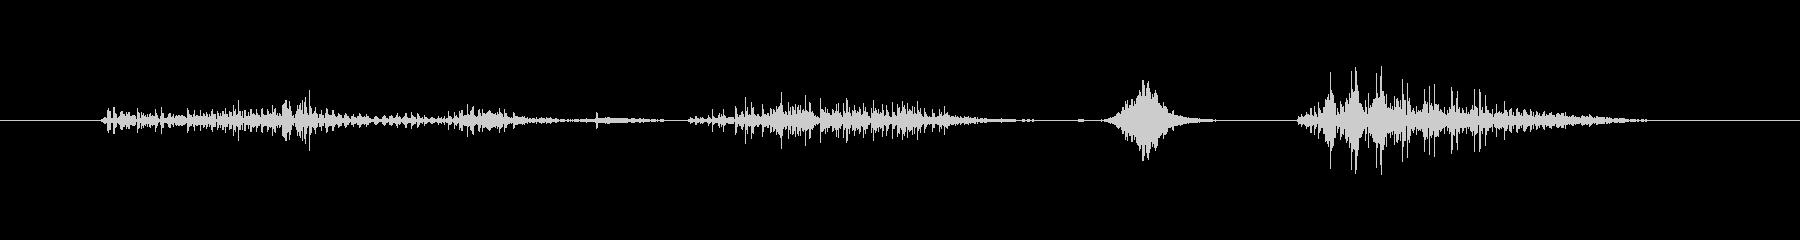 犬 チワワスナールファイト02の未再生の波形